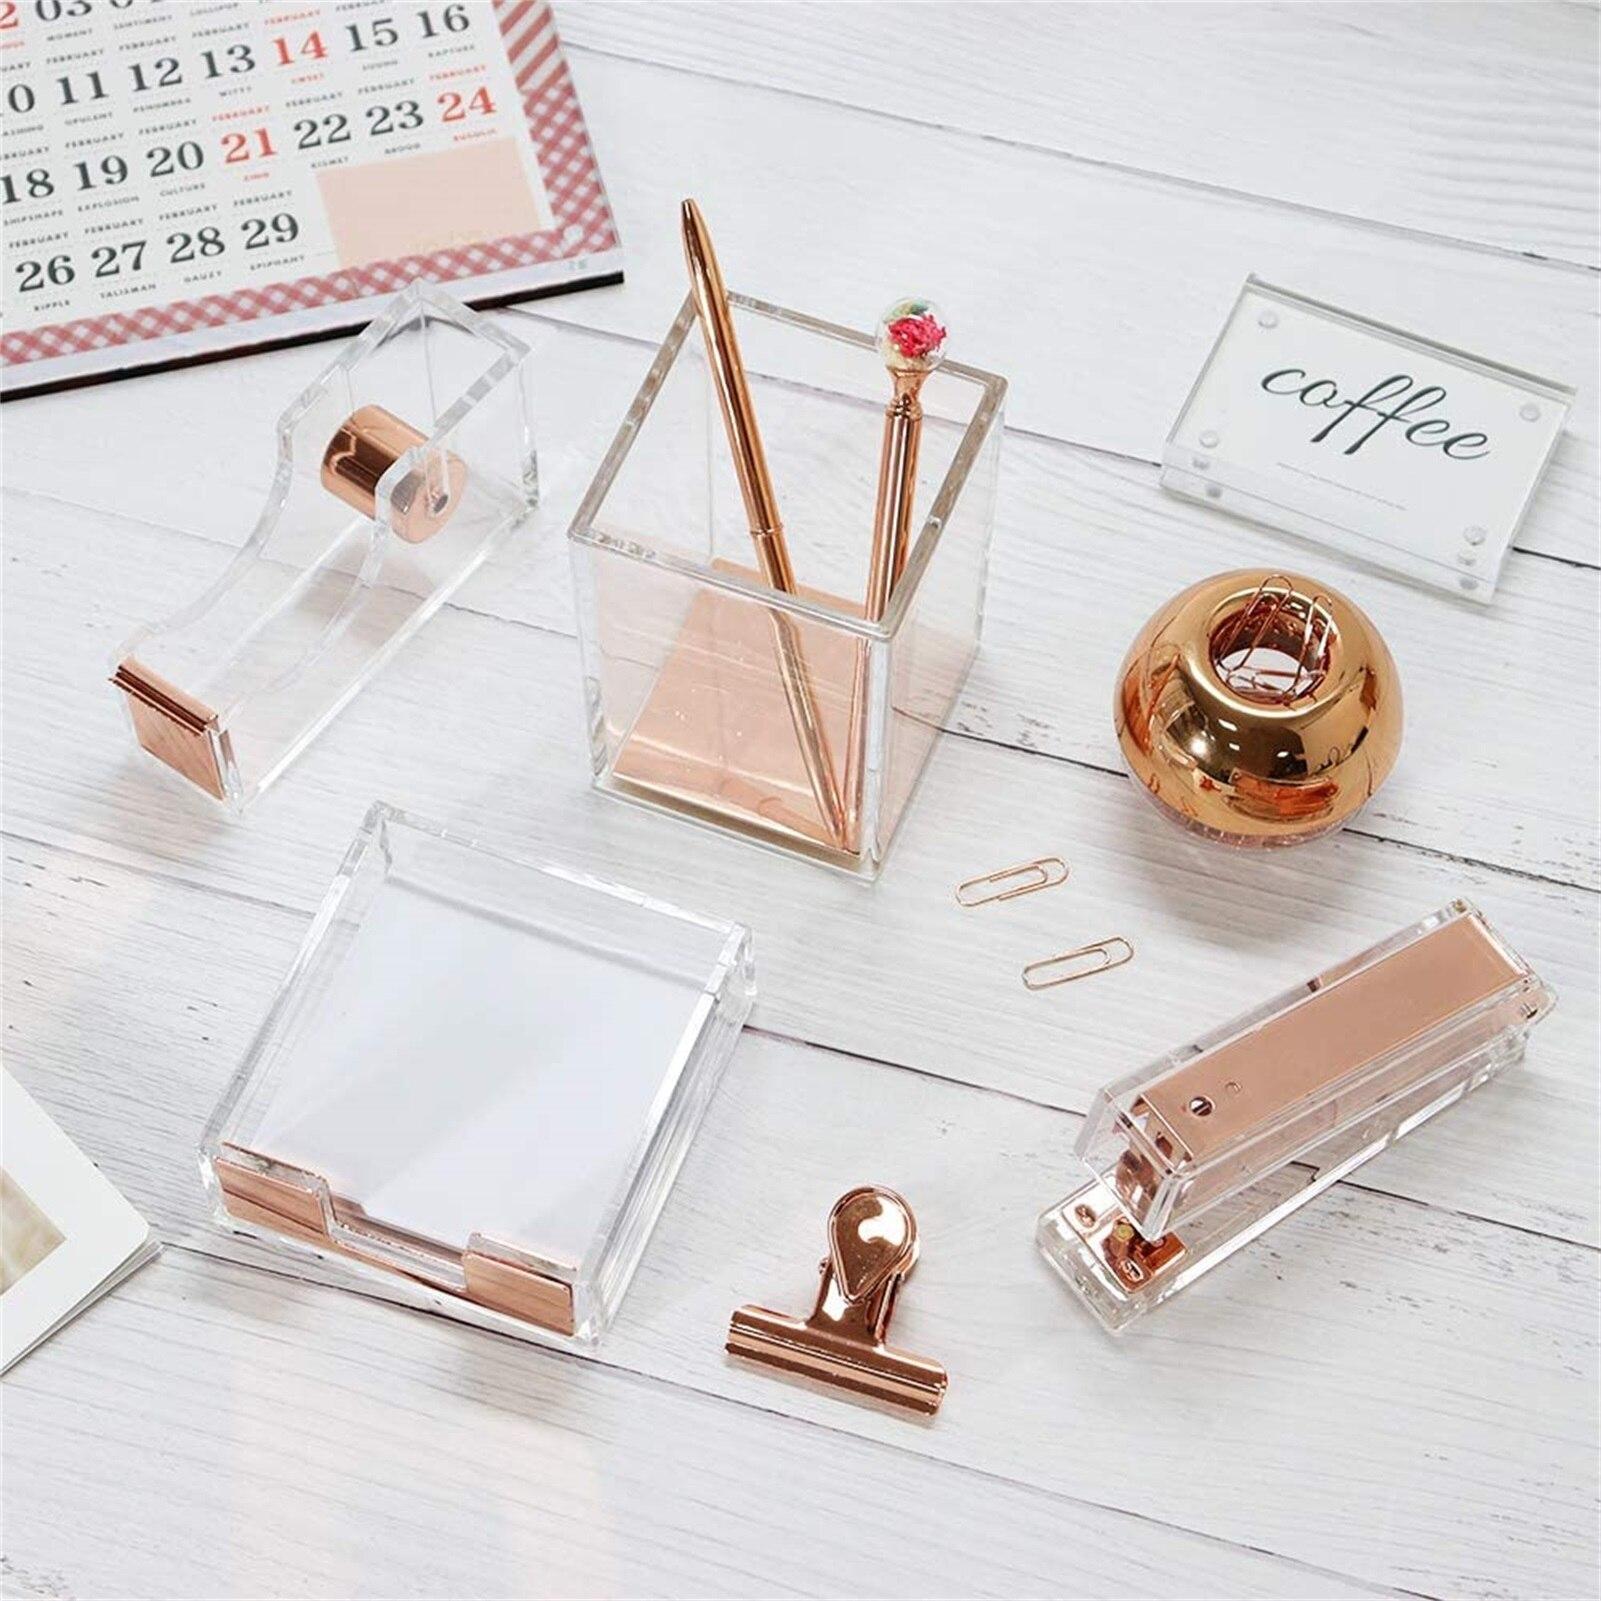 5pcs Rose Gold Acrylic Desk Stationery Series Stapler Tape Dispenser Sticky Note Pads Tray Pen Holder Paper Clips Dispenser